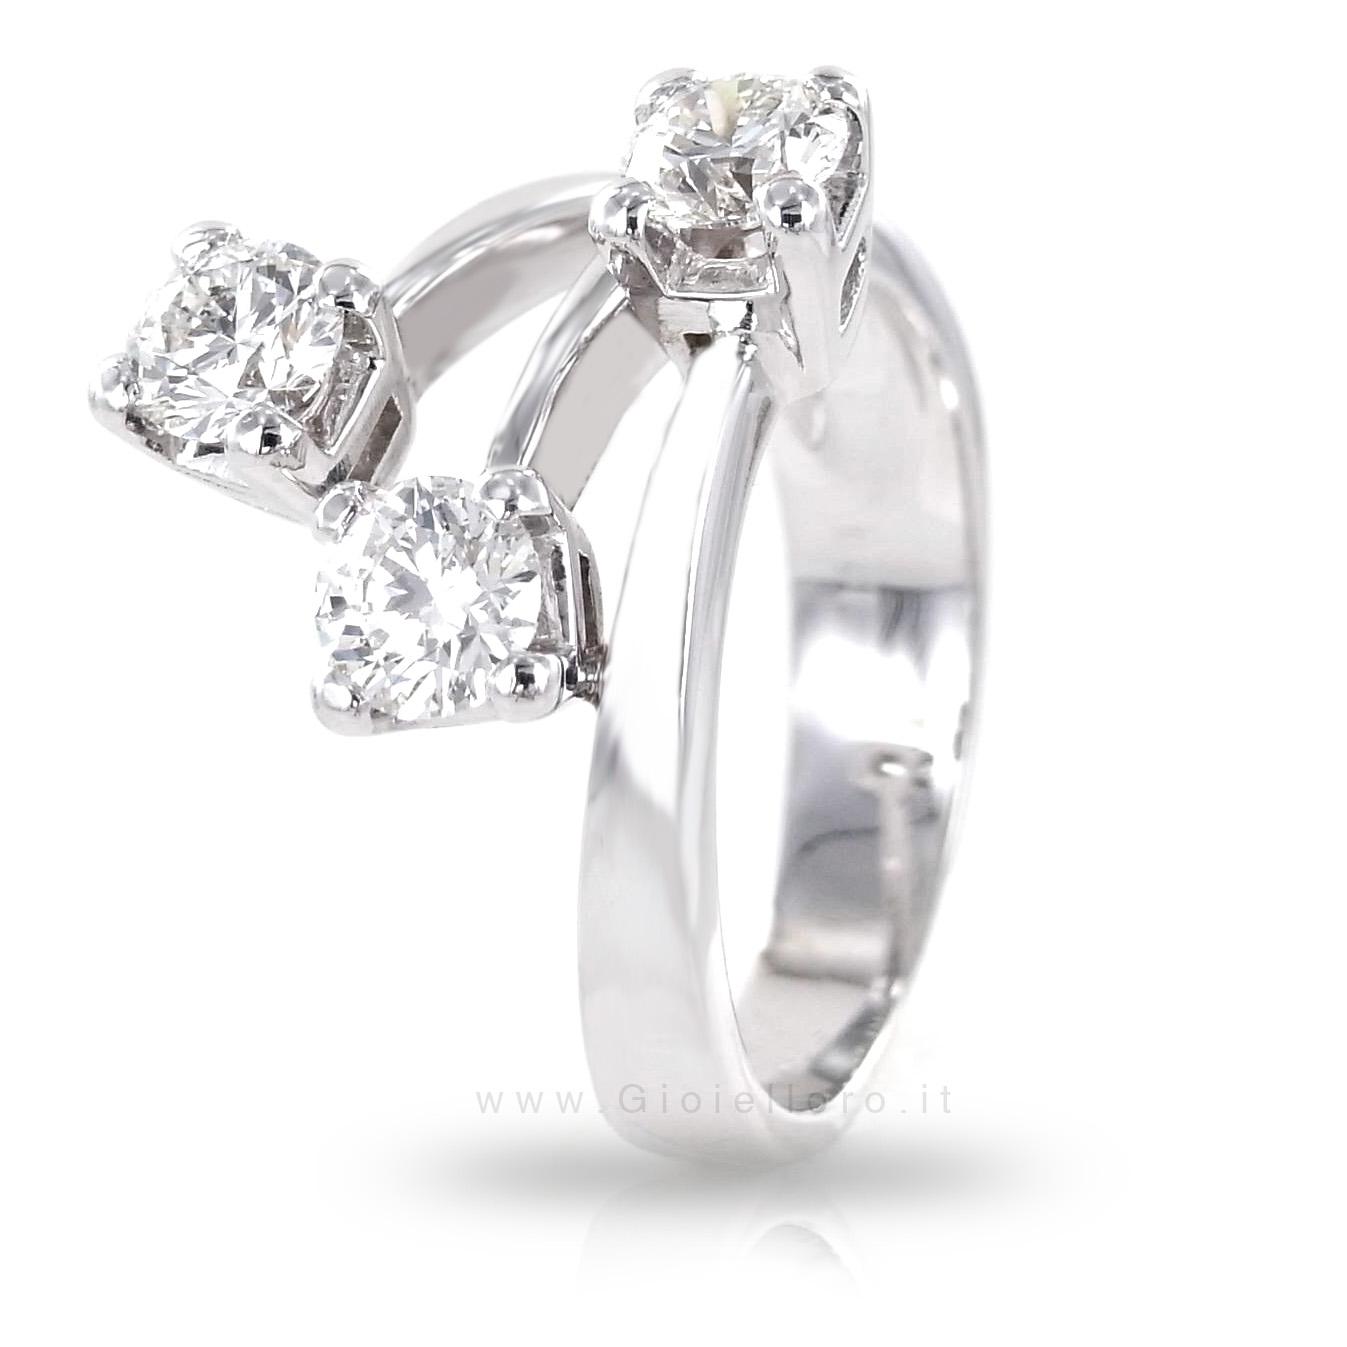 Anello con diamanti ct 0.98 colore G tre pietre fantasia